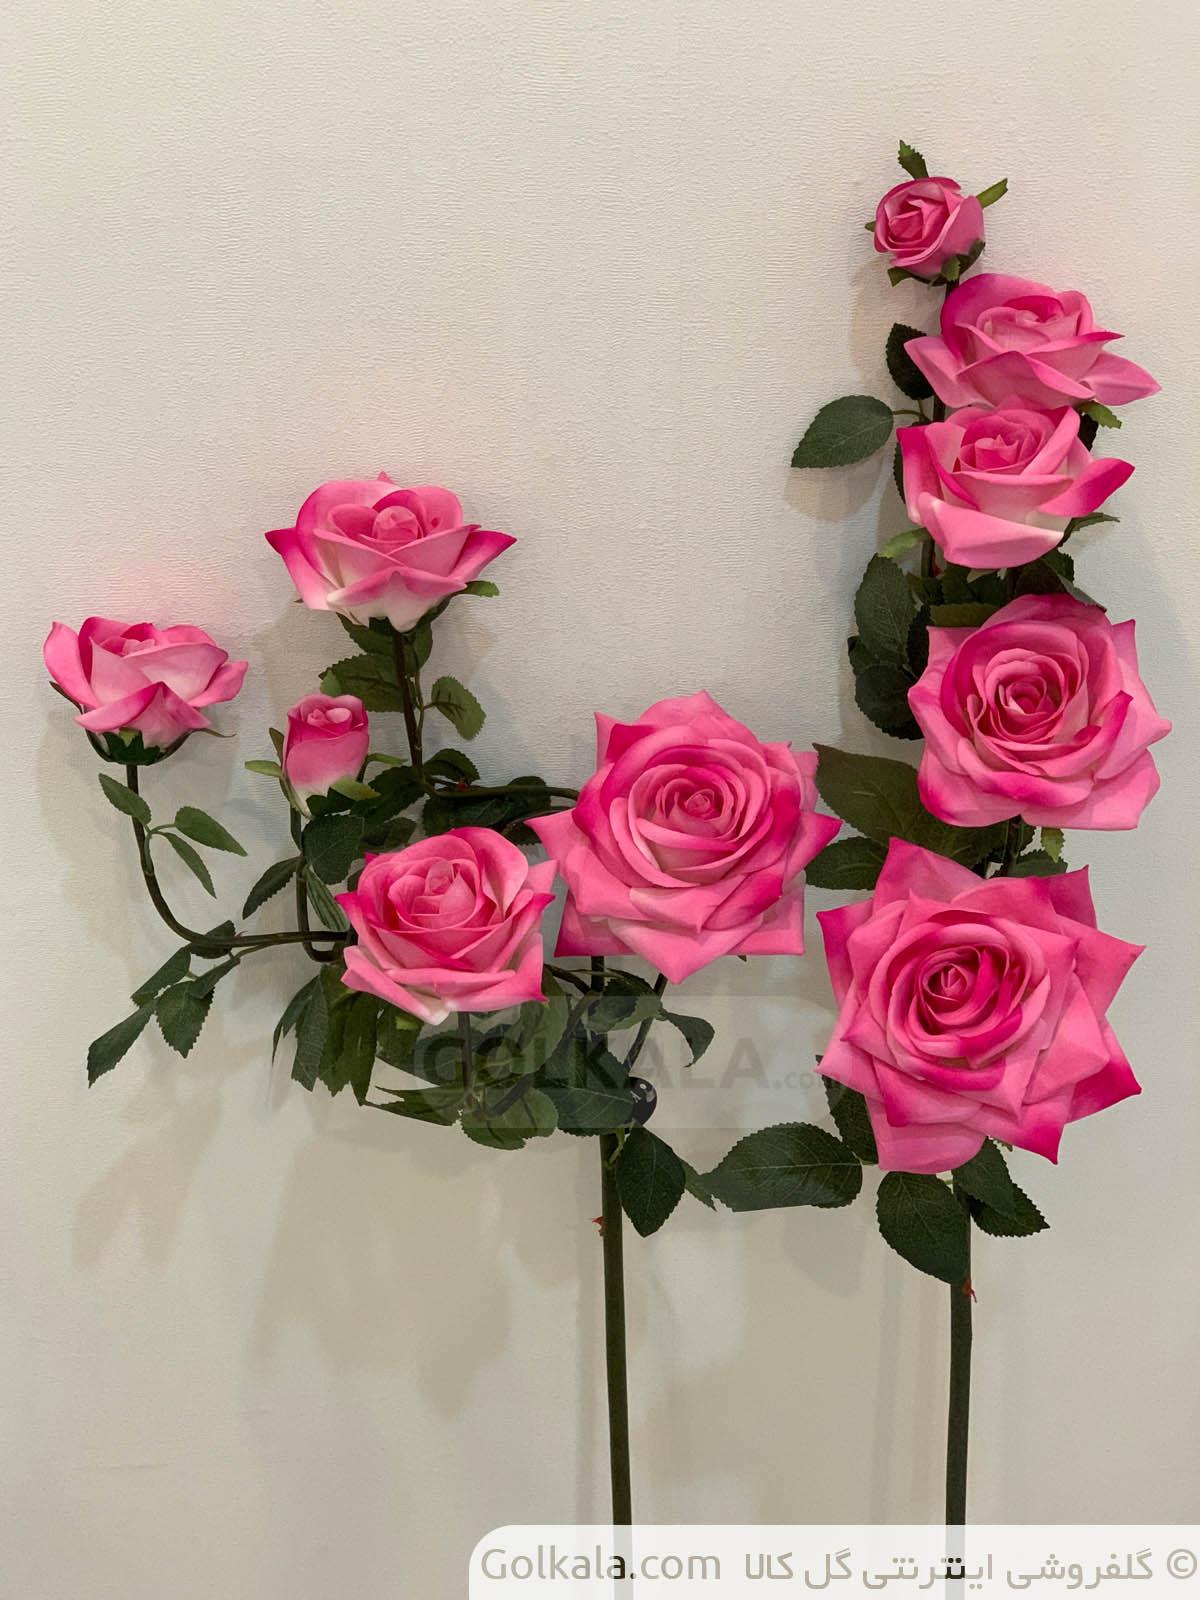 شاخه گل رز پنج دوتایی گل گل کالا